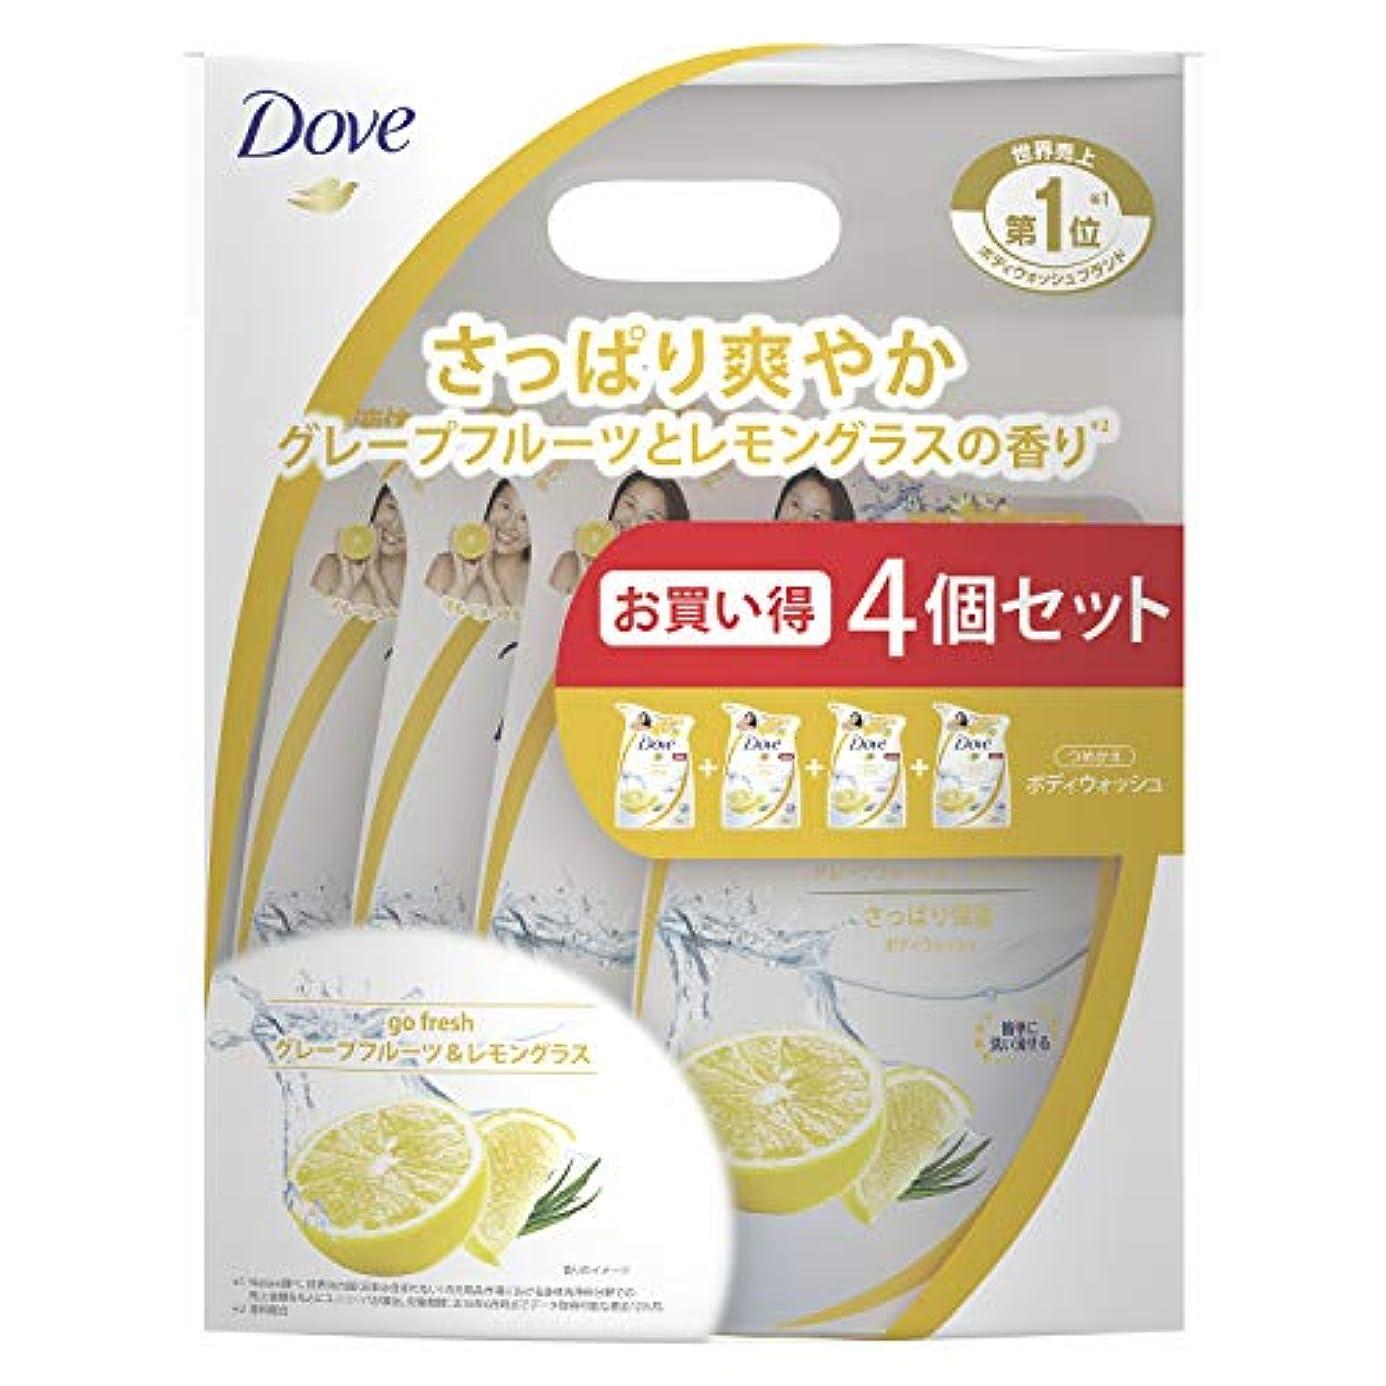 白菜忌まわしいカーテンDove(ダヴ) ダヴ ボディウォッシュ グレープフルーツ&レモングラス つめかえ用 4個セット ボディソープ 詰替え 360g×4個